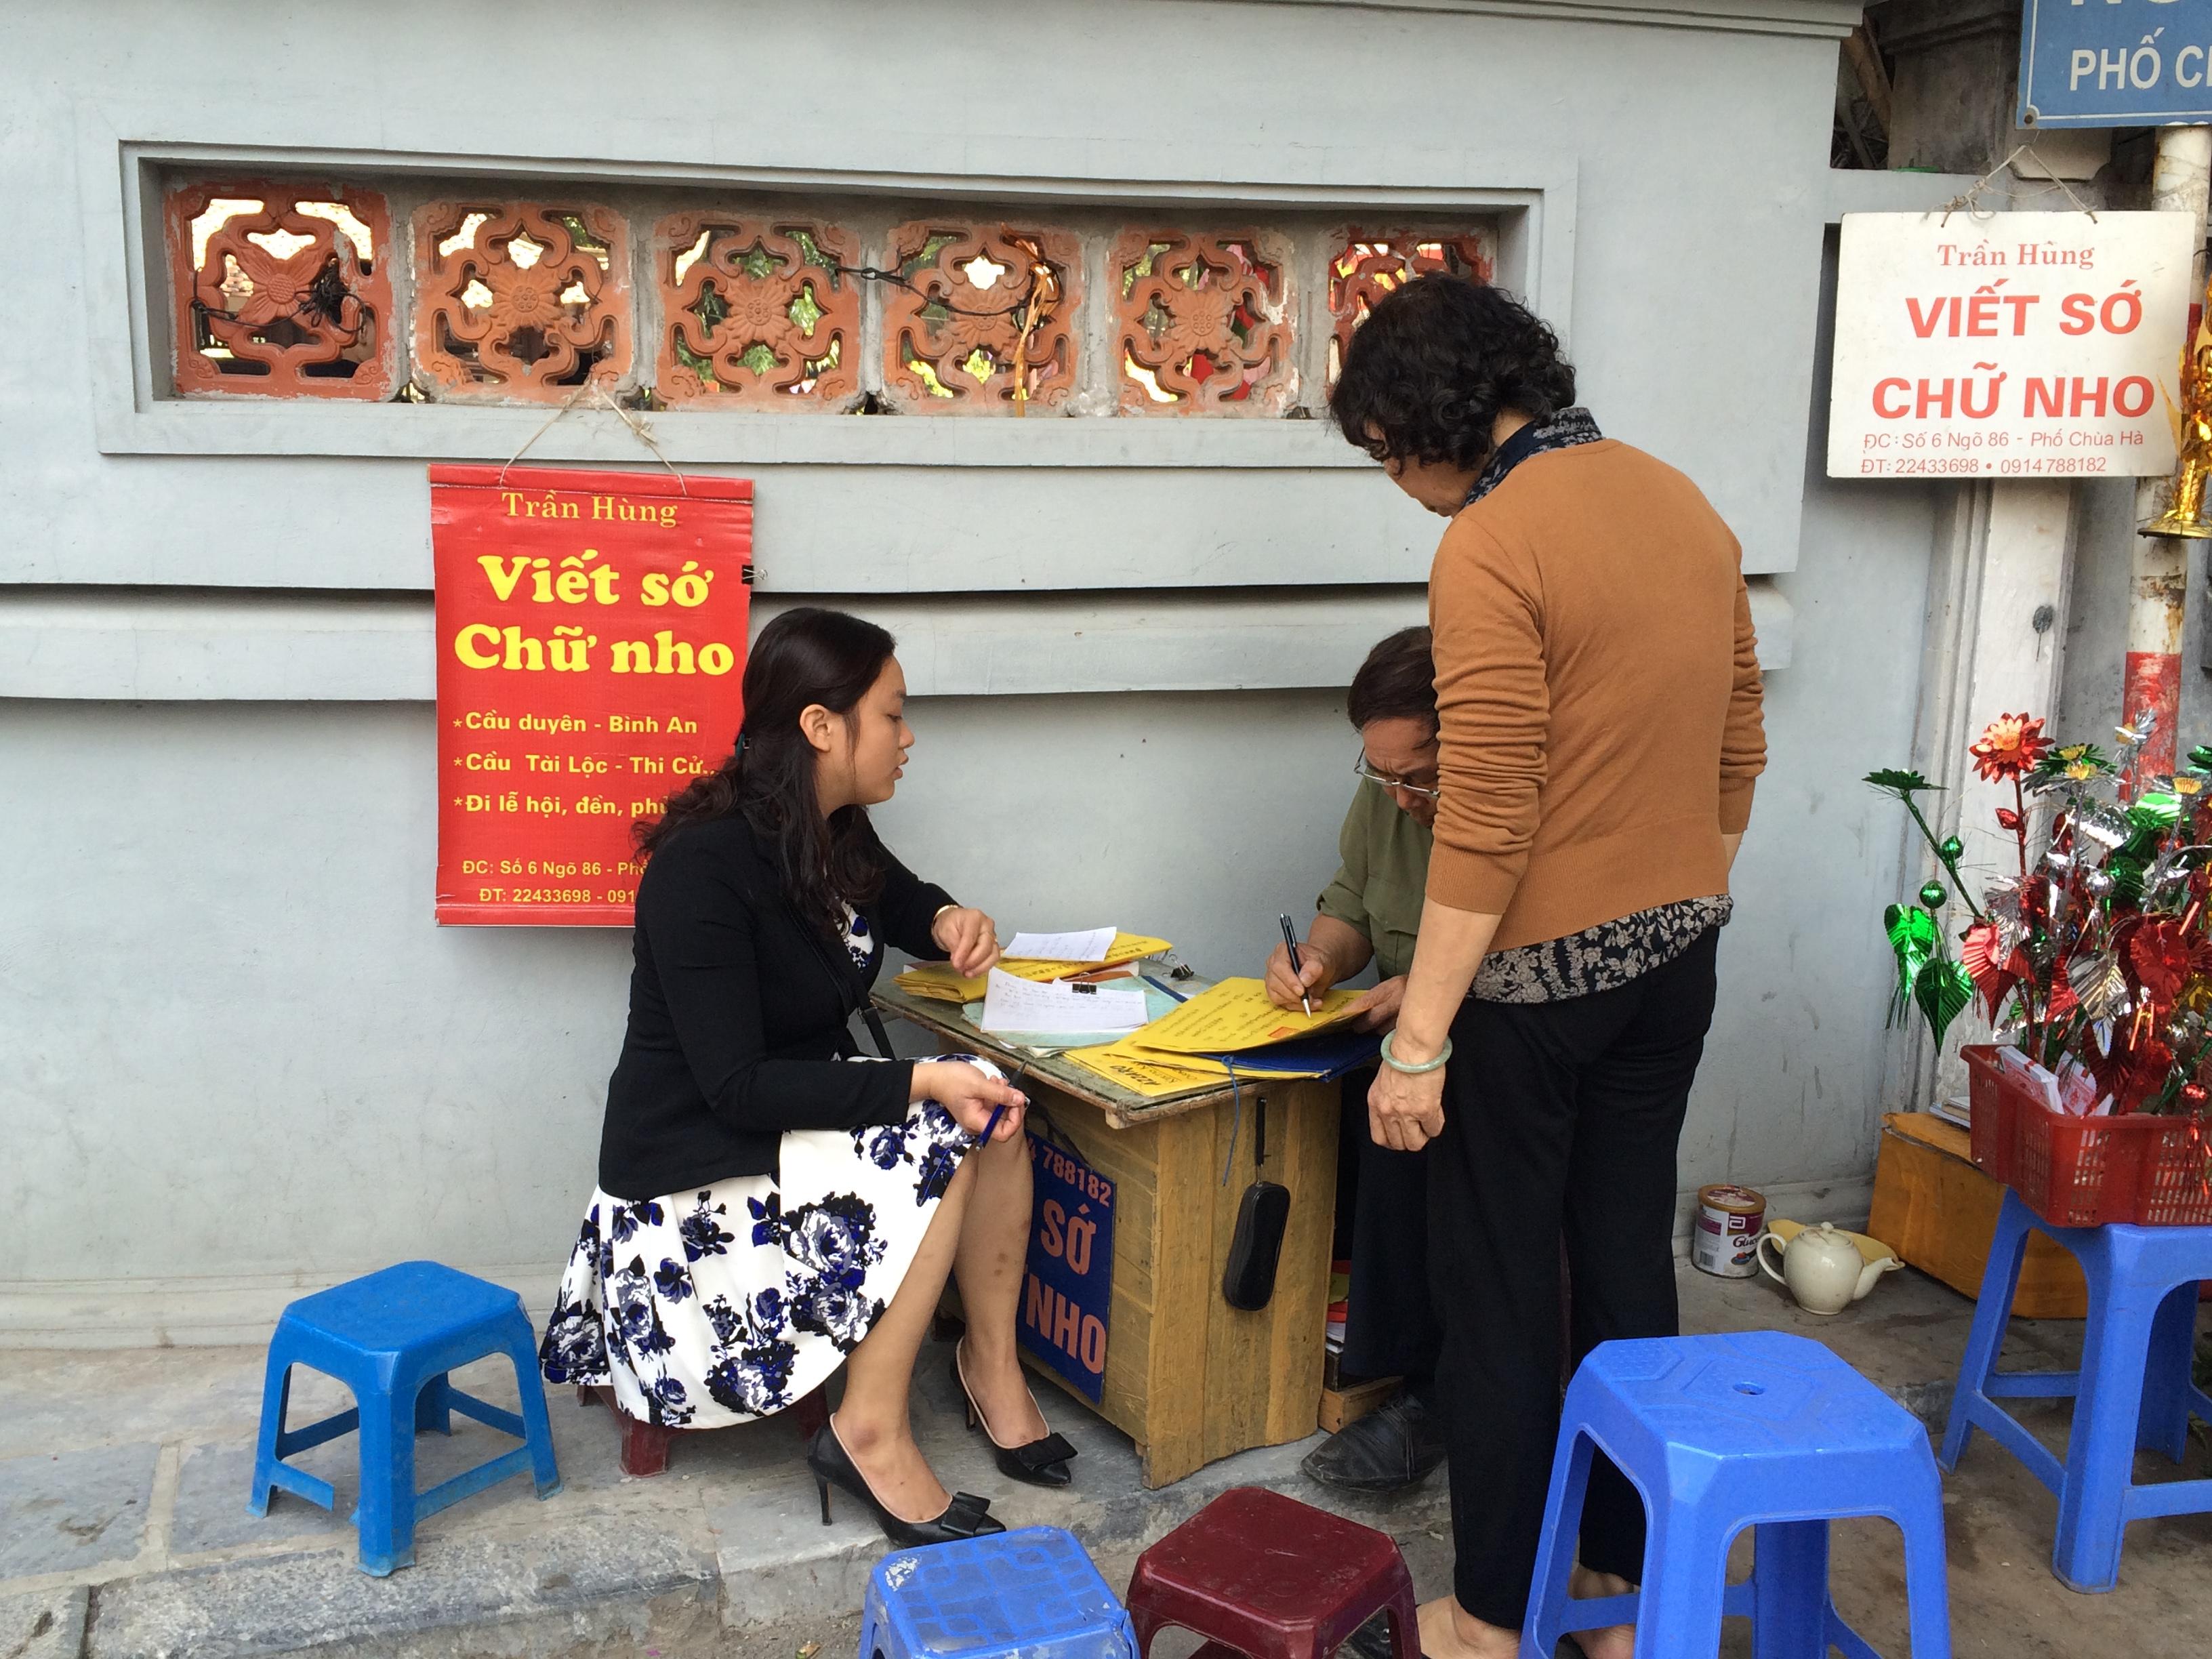 Thiếu nữ nô nức đi chùa Hà cầu duyên đầu năm 2